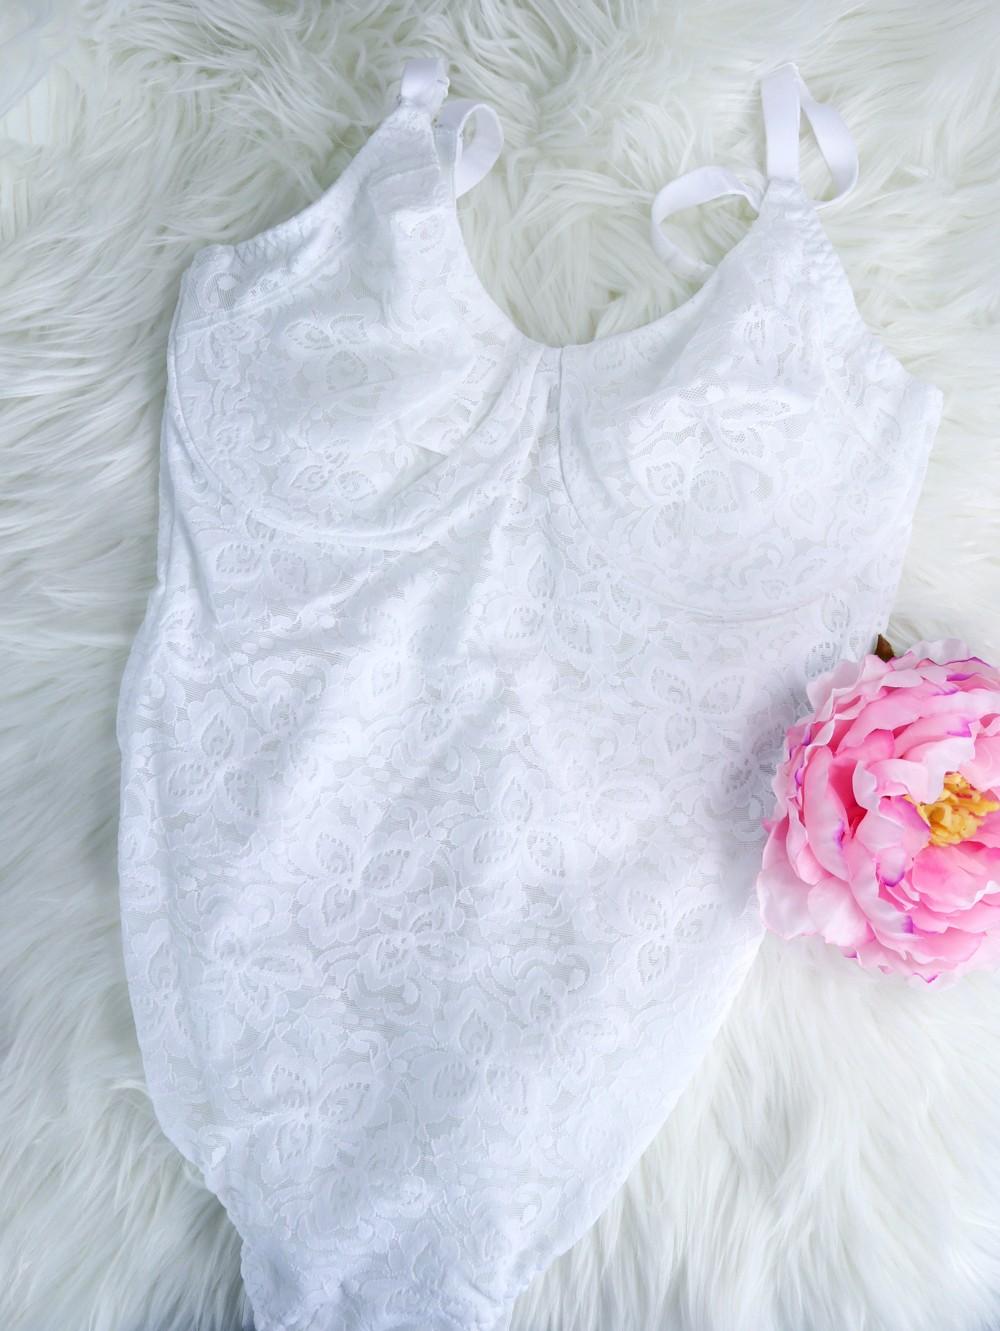 Bali Lace N Smooth Bodybreifer for Wedding